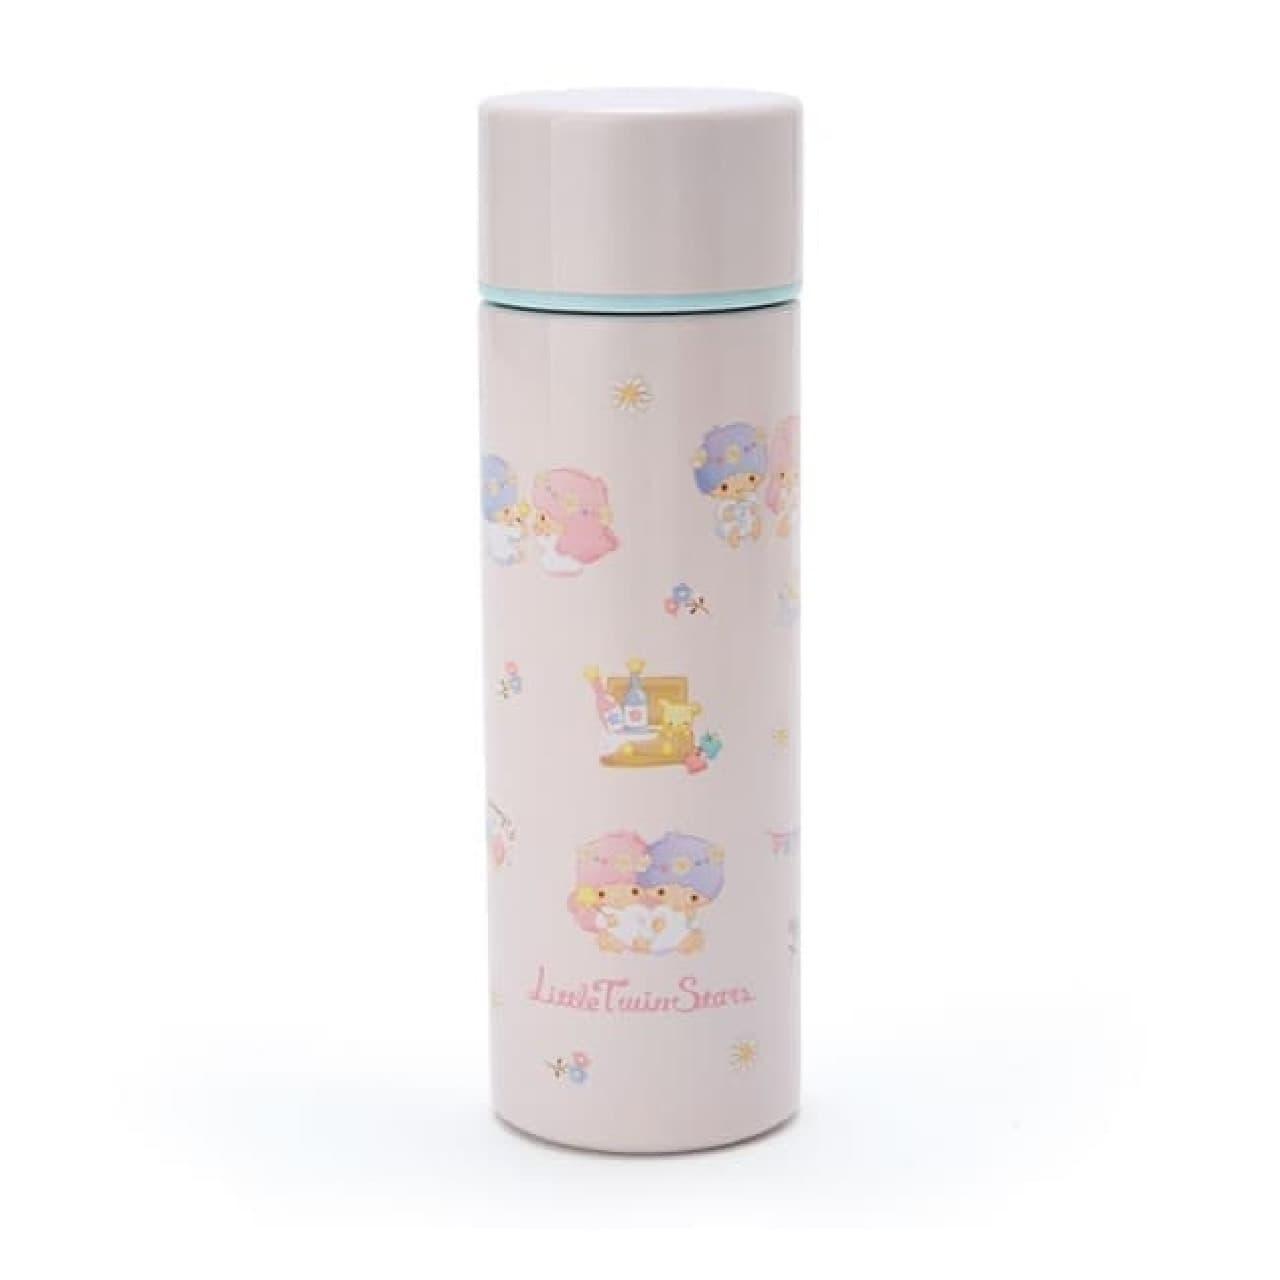 可愛いハローキティの「ミニステンレスマグボトル」--人気のミニ水筒がサンリオから